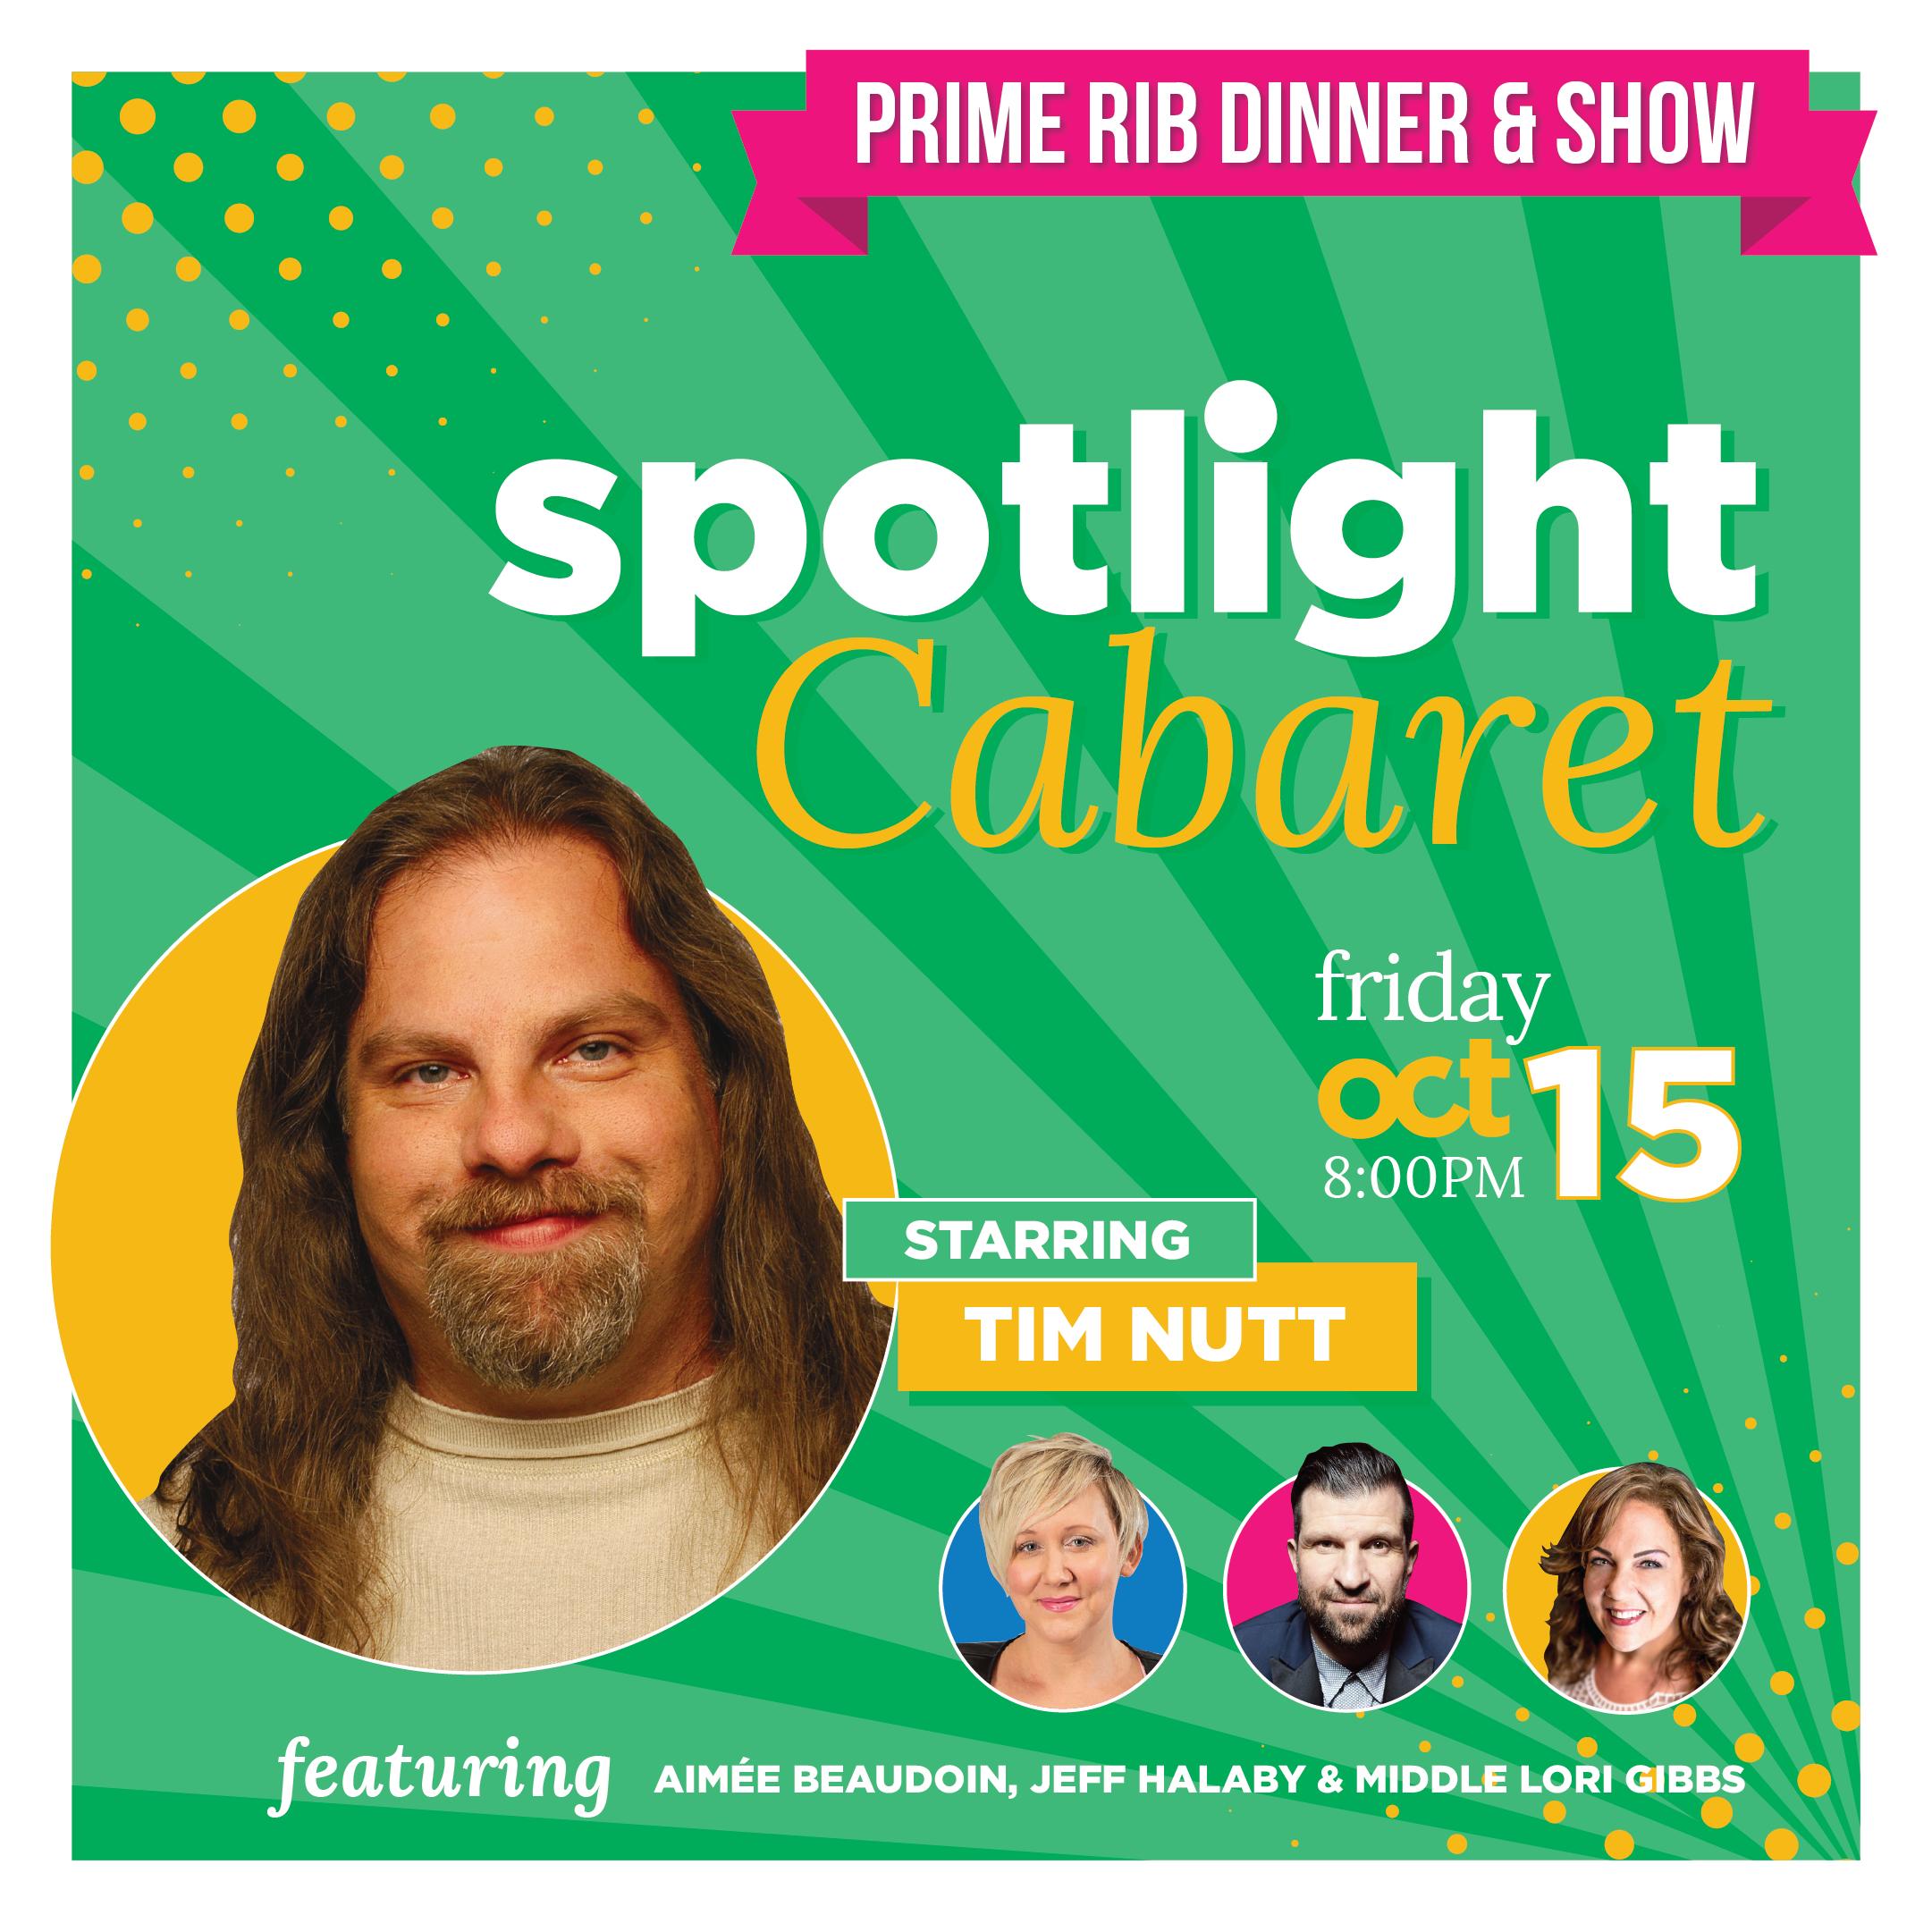 Edmonton Comedy Fest Dinner & Show